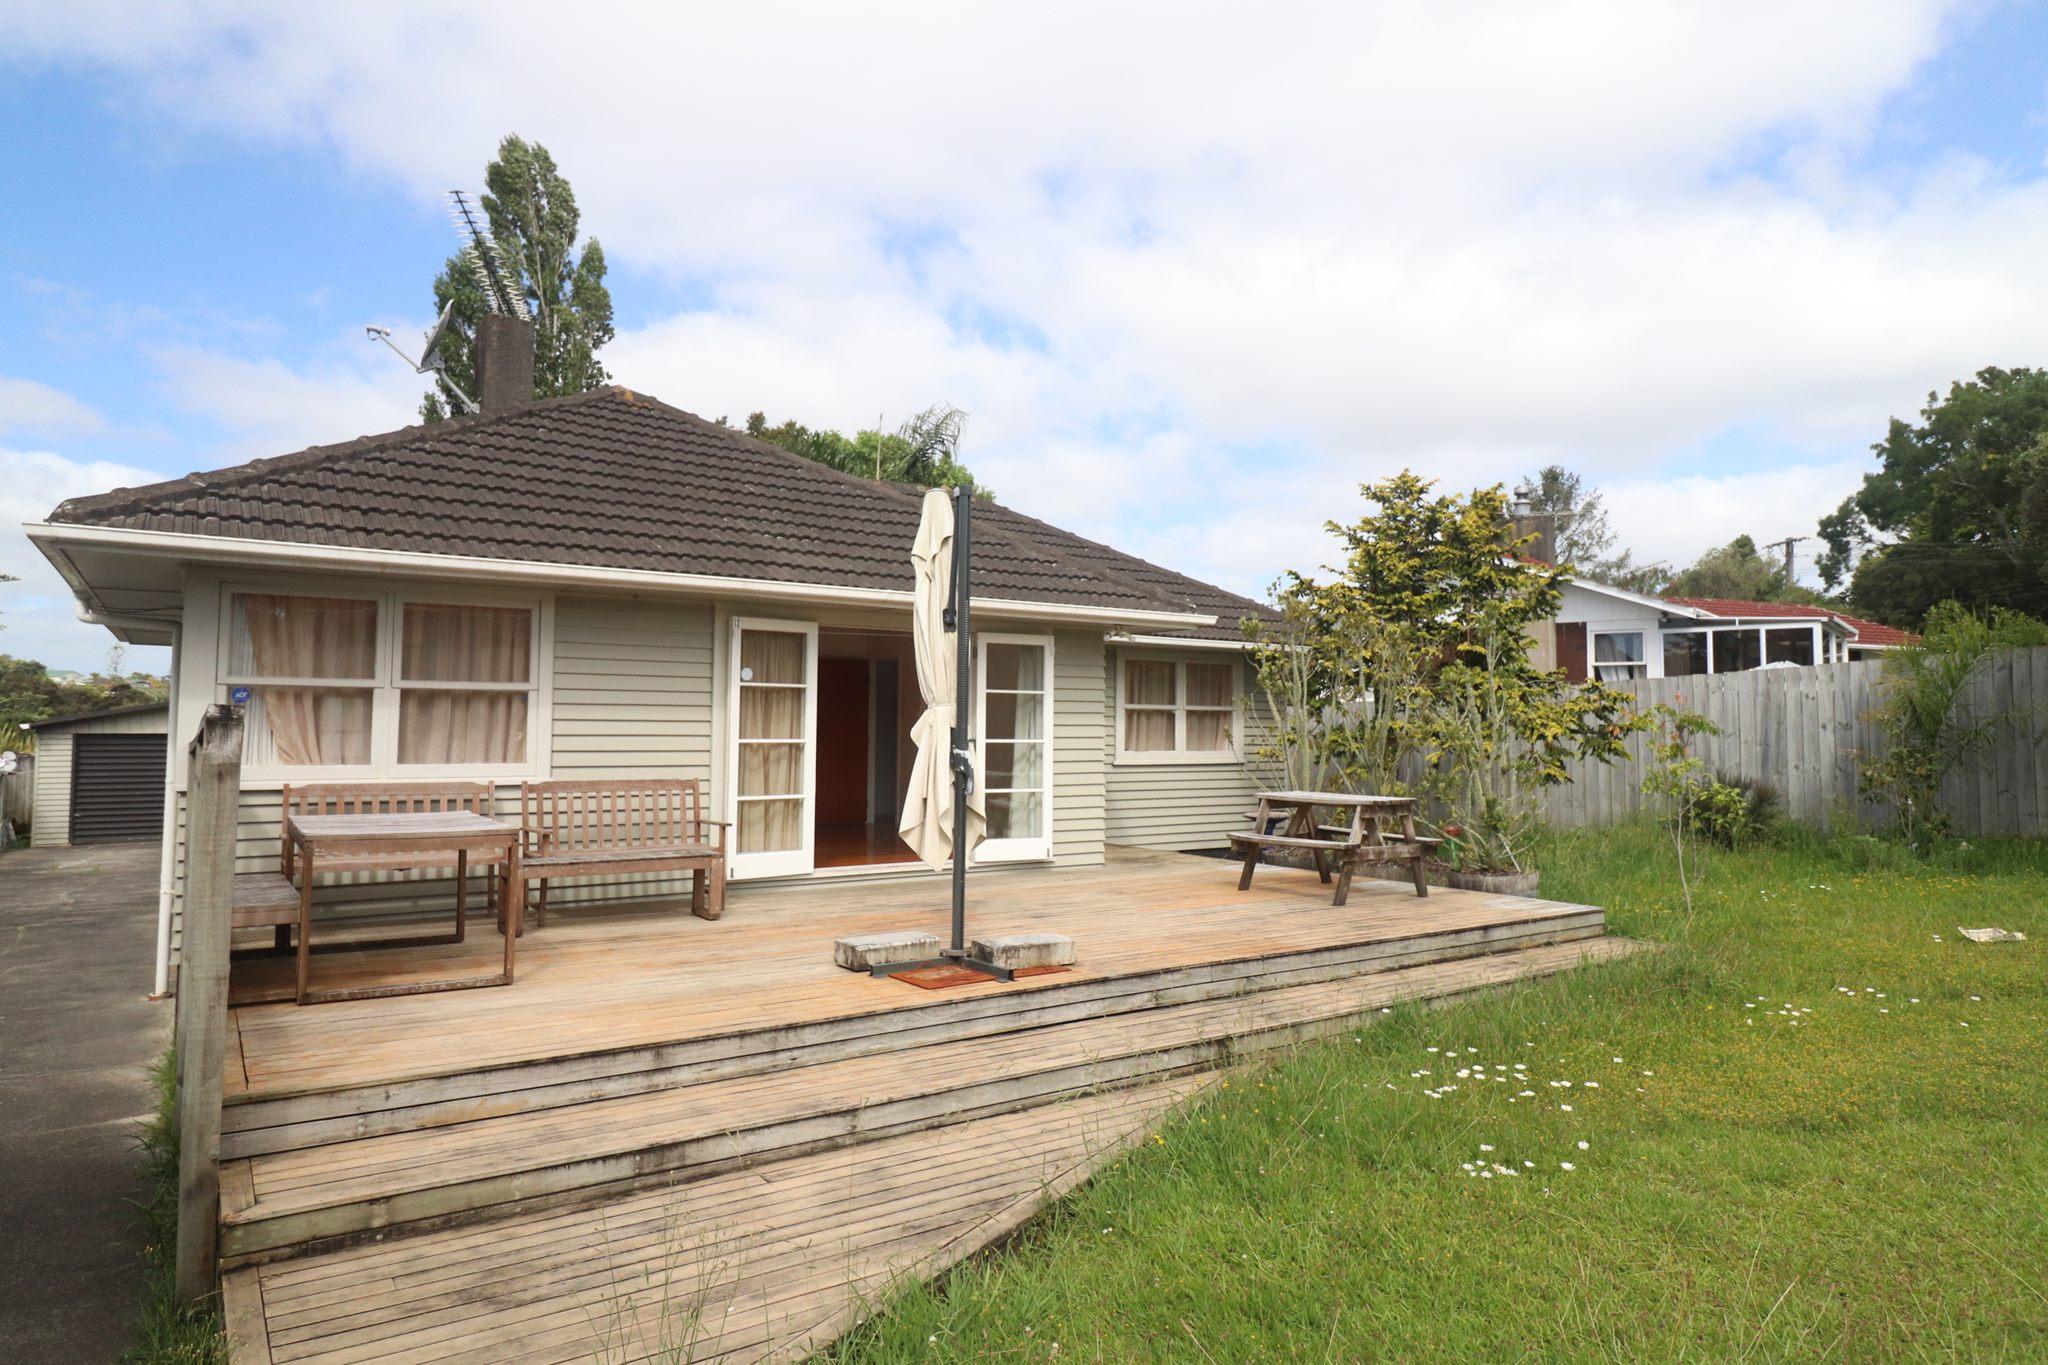 Green Bay, 3 bedrooms